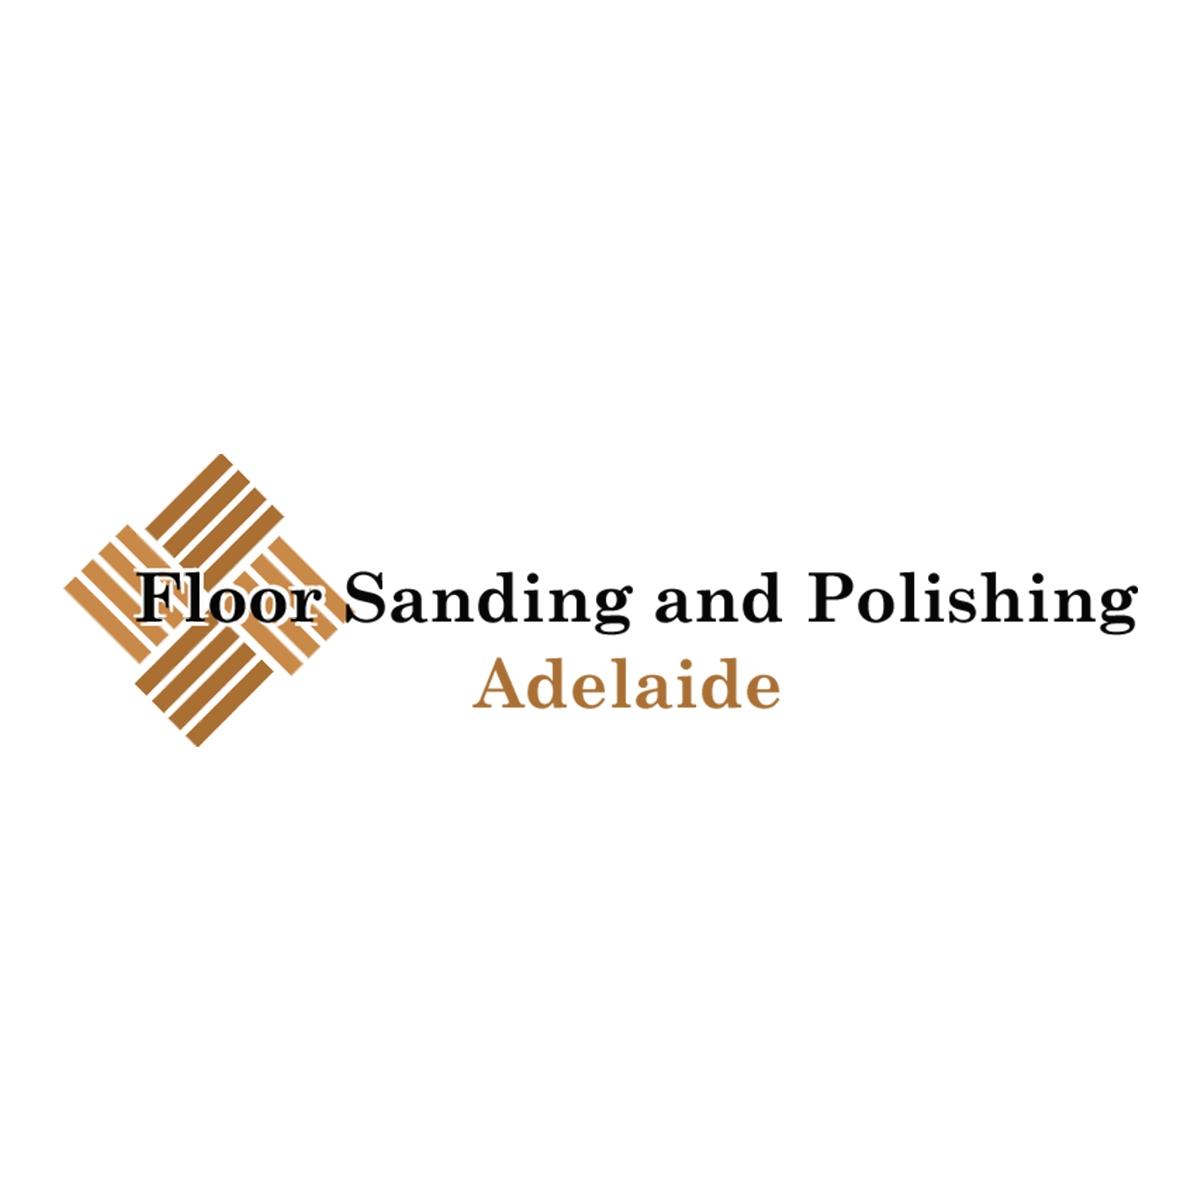 floorsandingadelaide (@floorsandingadelaide) Cover Image